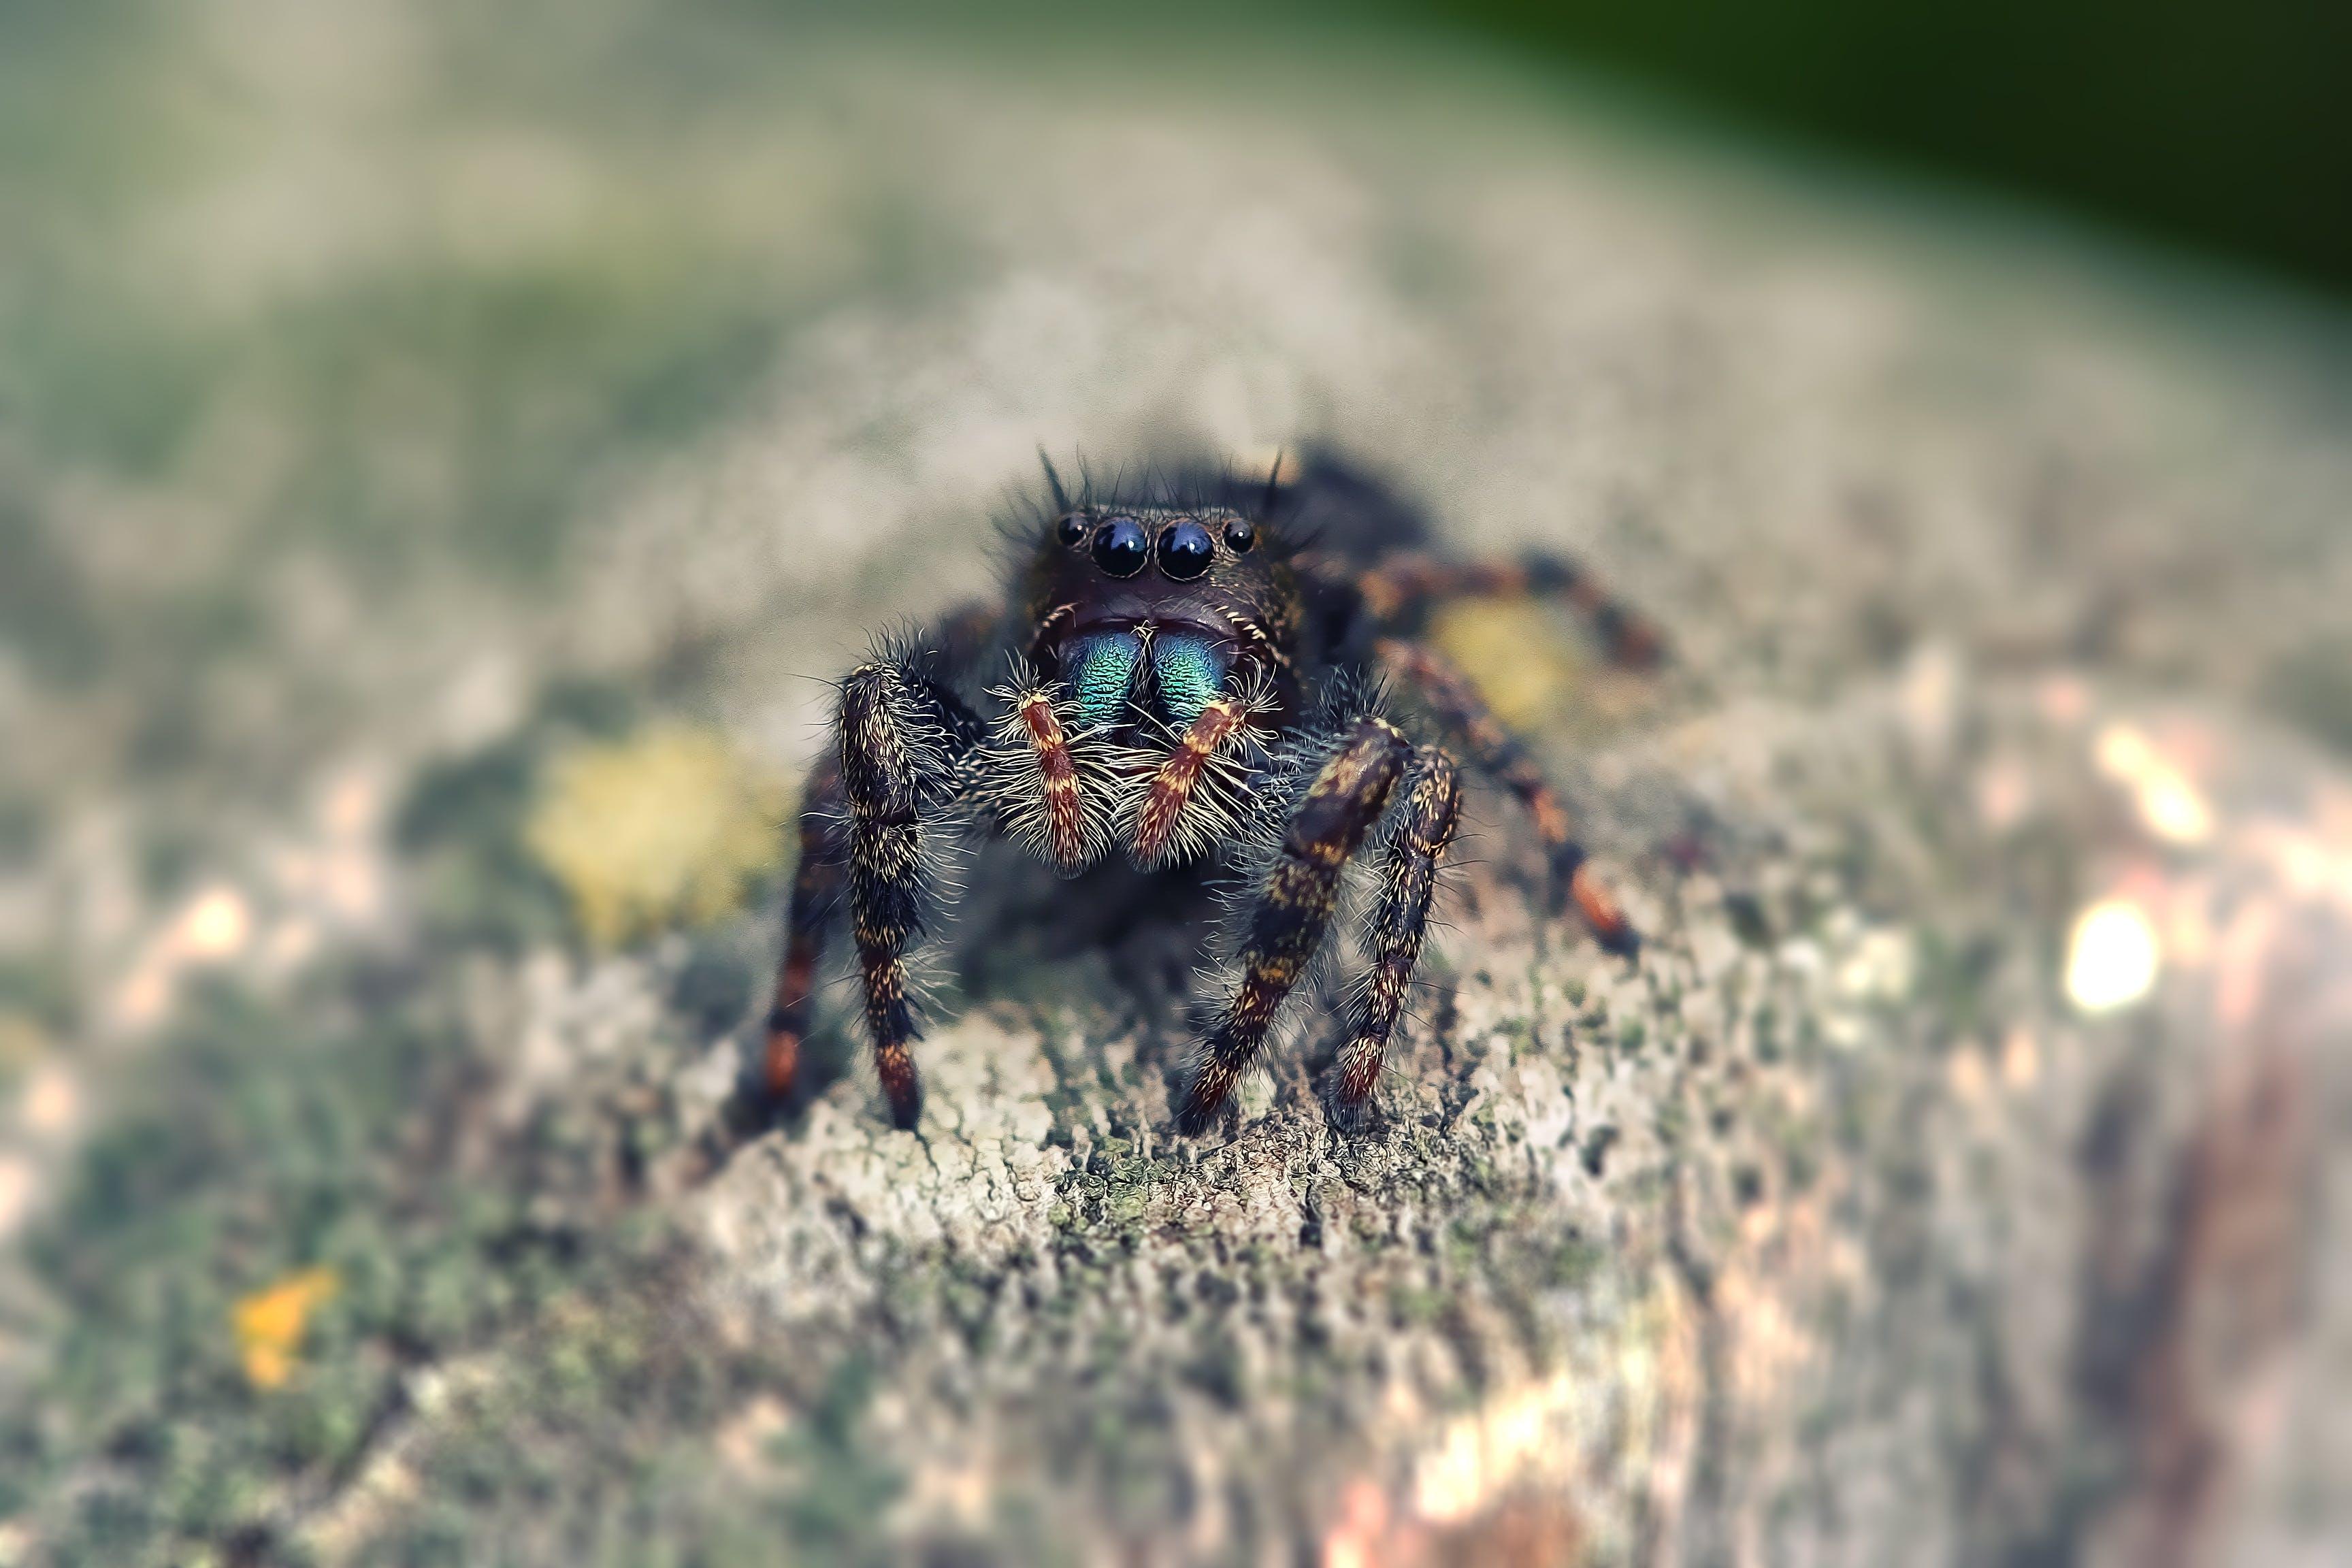 Fotos de stock gratuitas de arácnido, araña, color, concentrarse